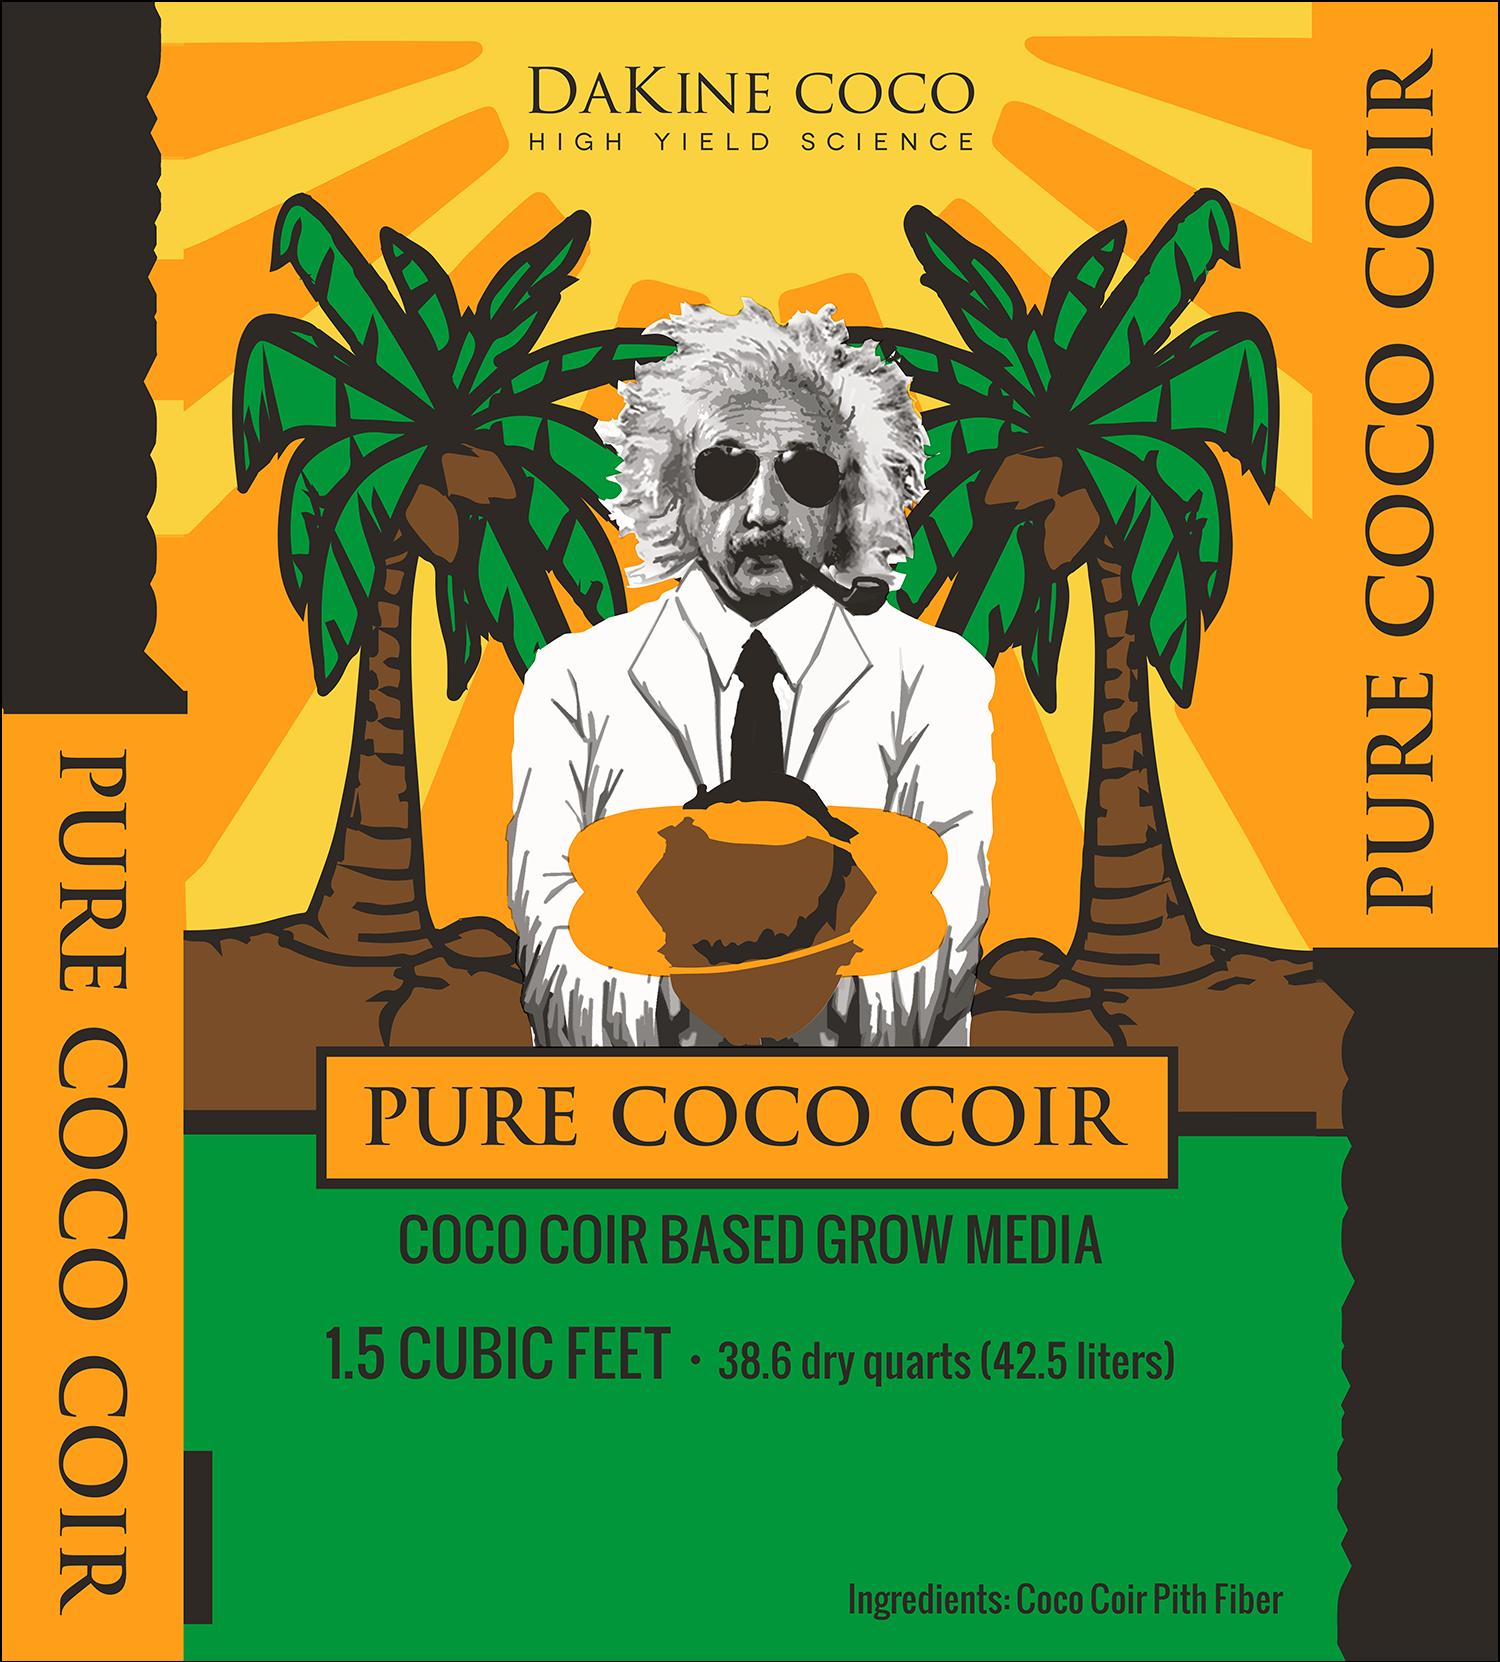 Dakine 420 Pure Coco Coir